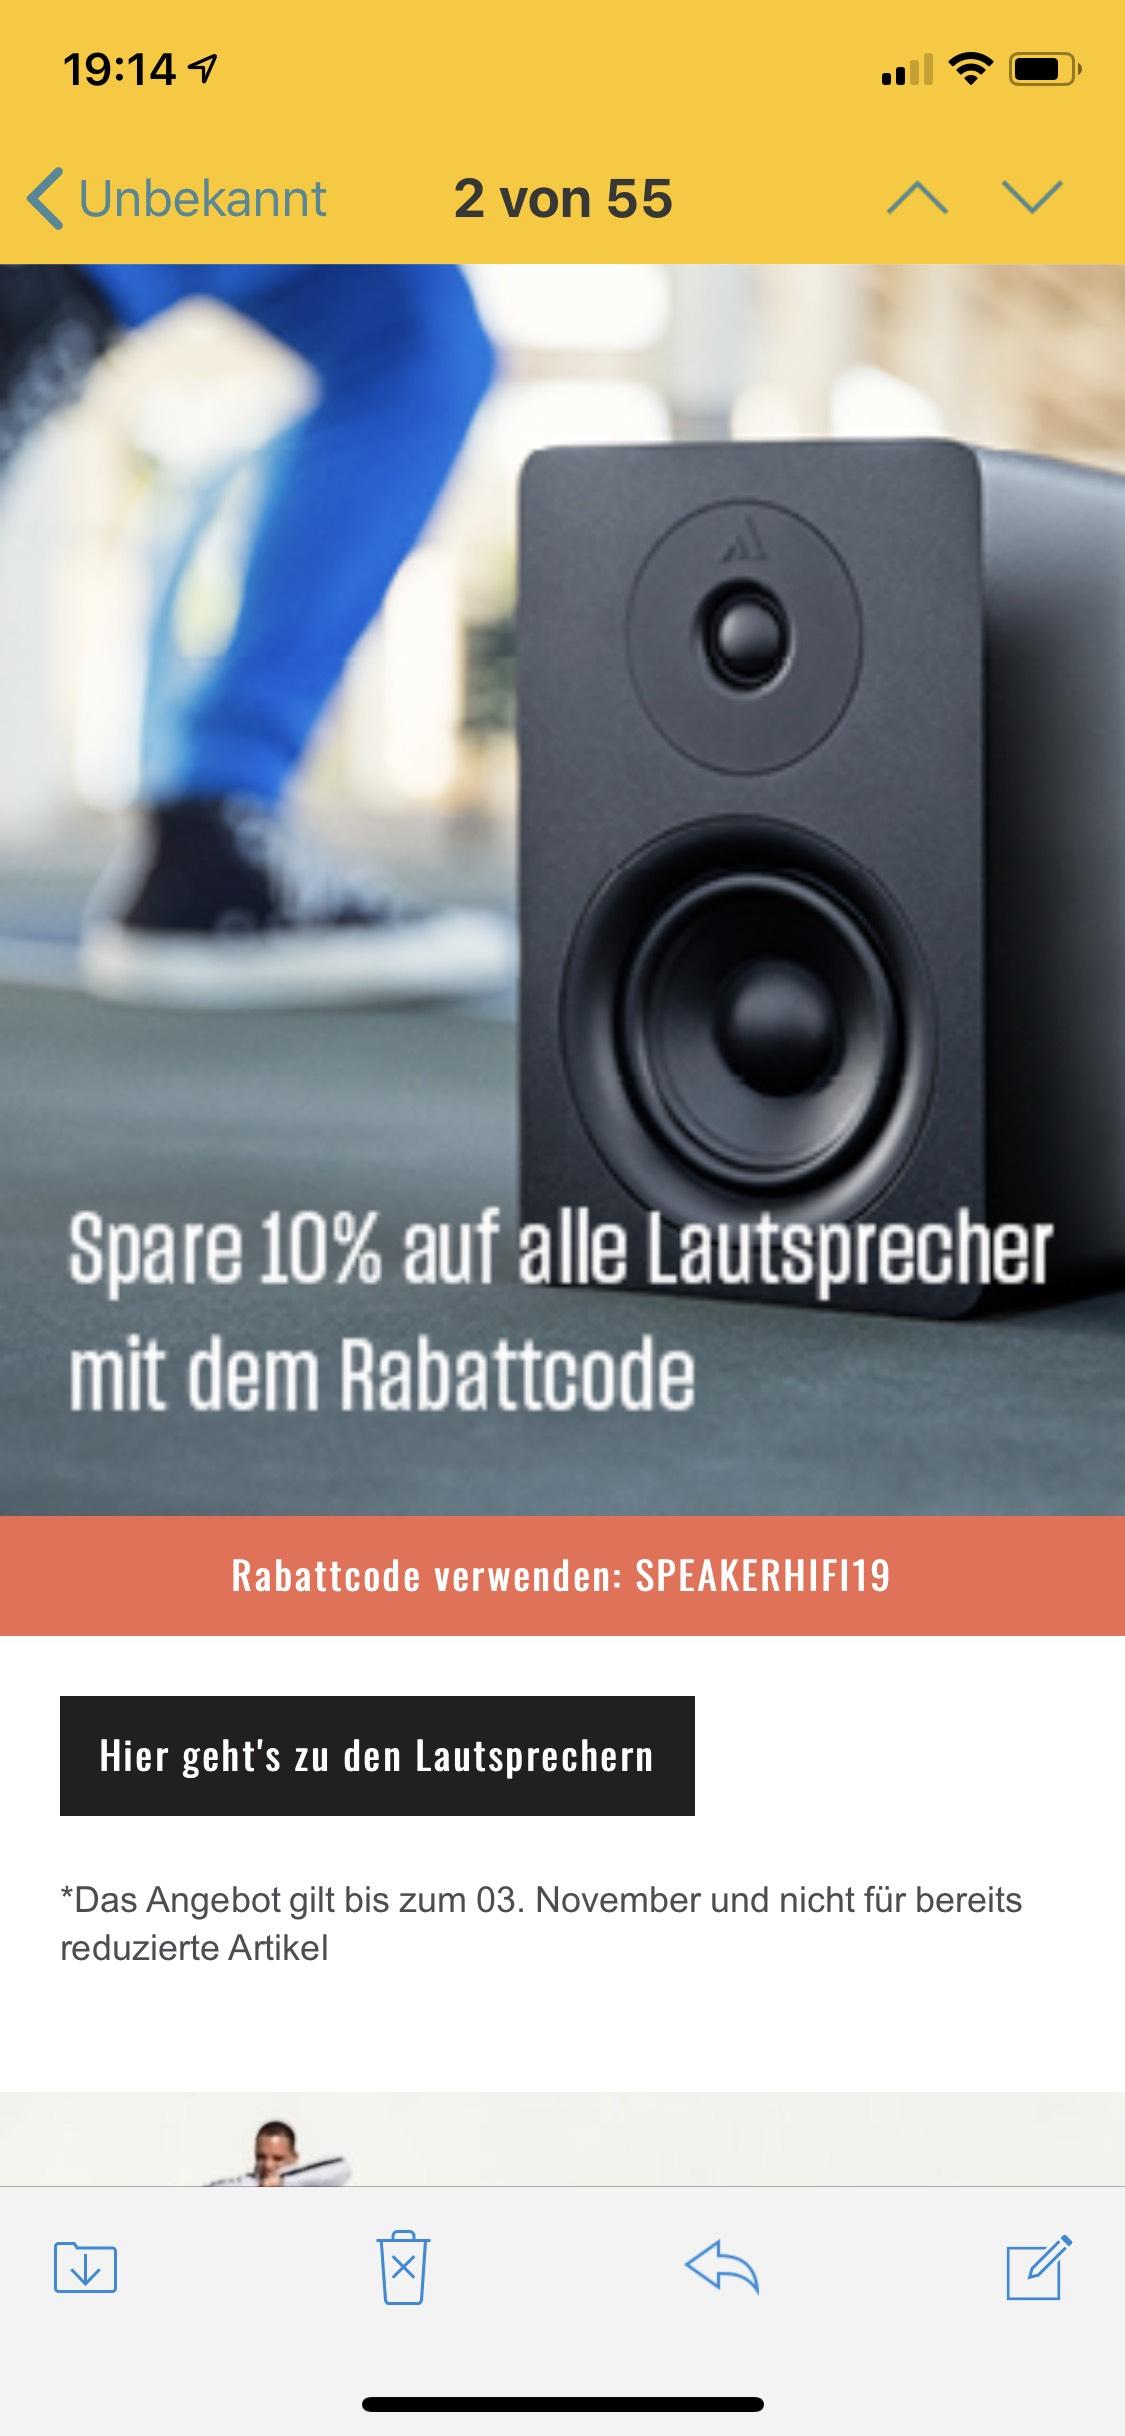 Hifi-Klubben: 10% auf Speaker und Kopfhörer